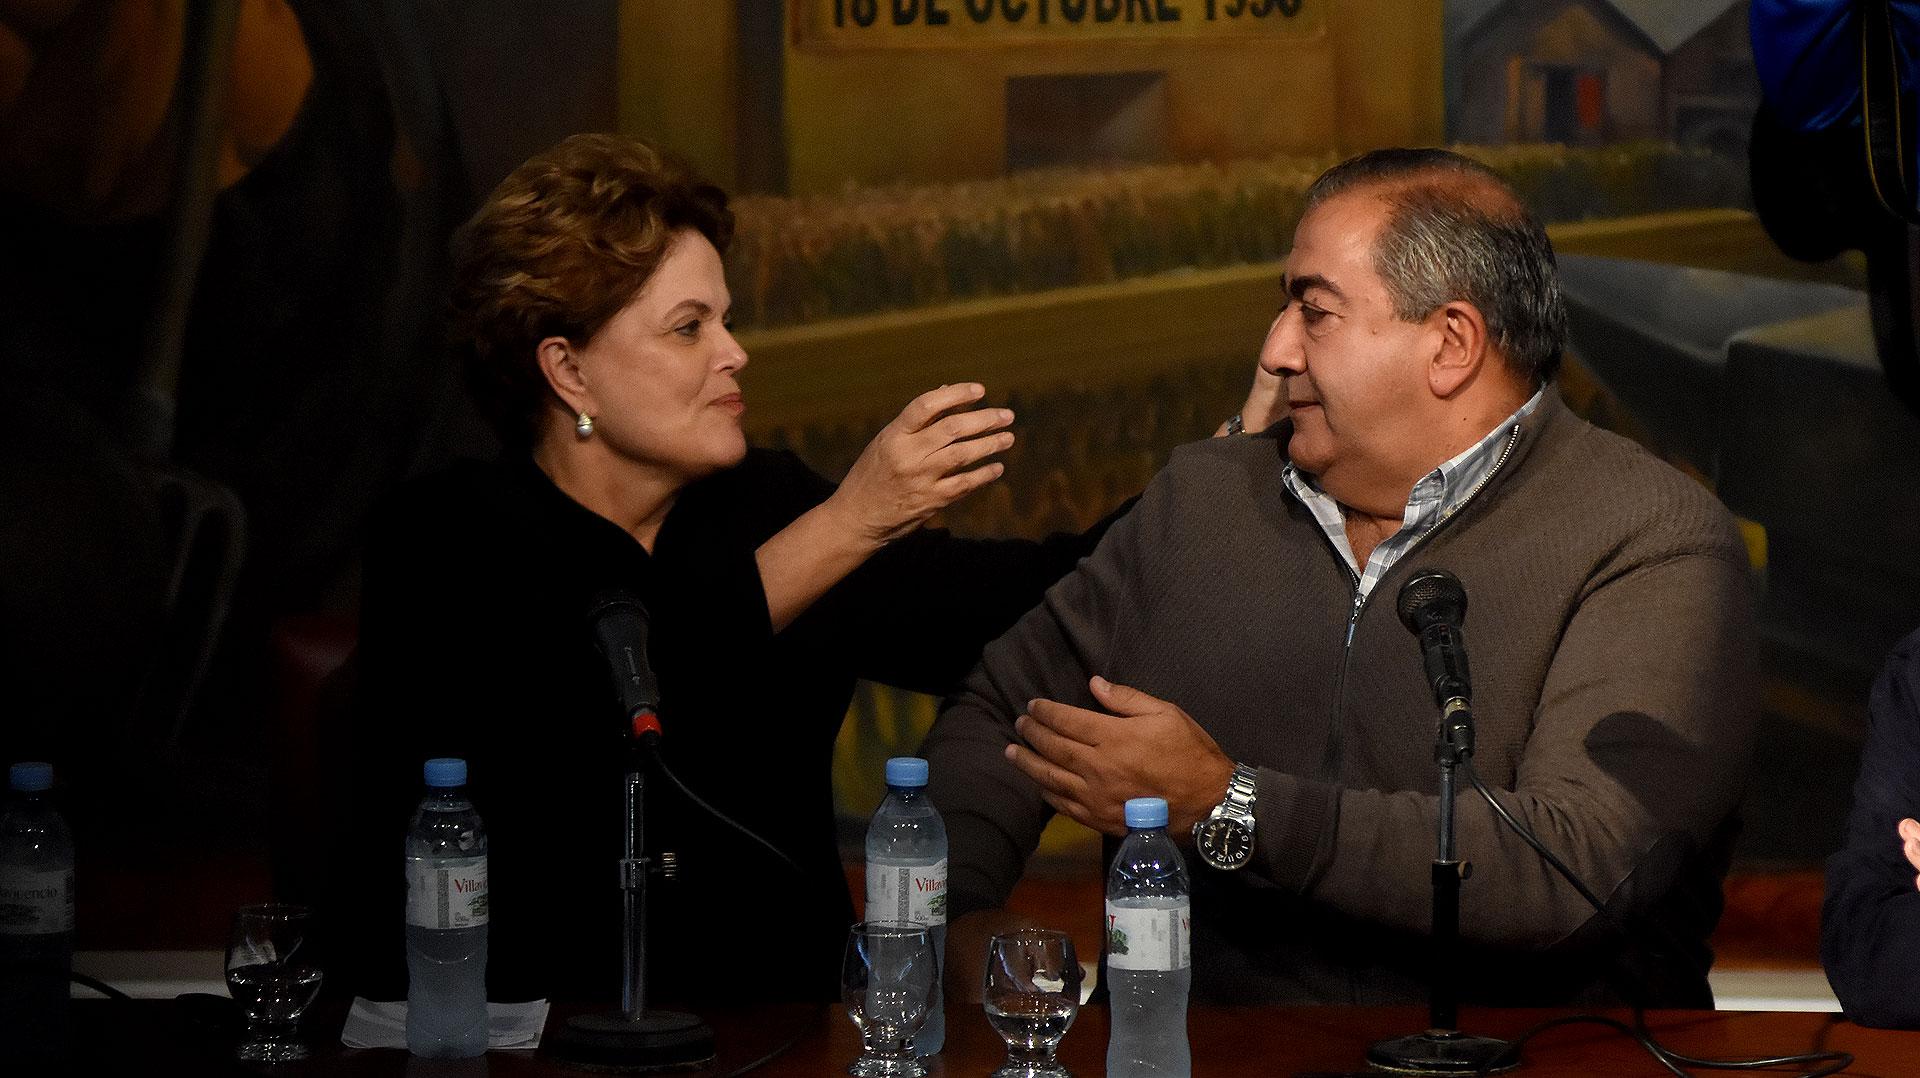 La ex Presidenta de Brasil, Dilma Rousseff, presente en el acto de la CGT en el Día del Trabajador